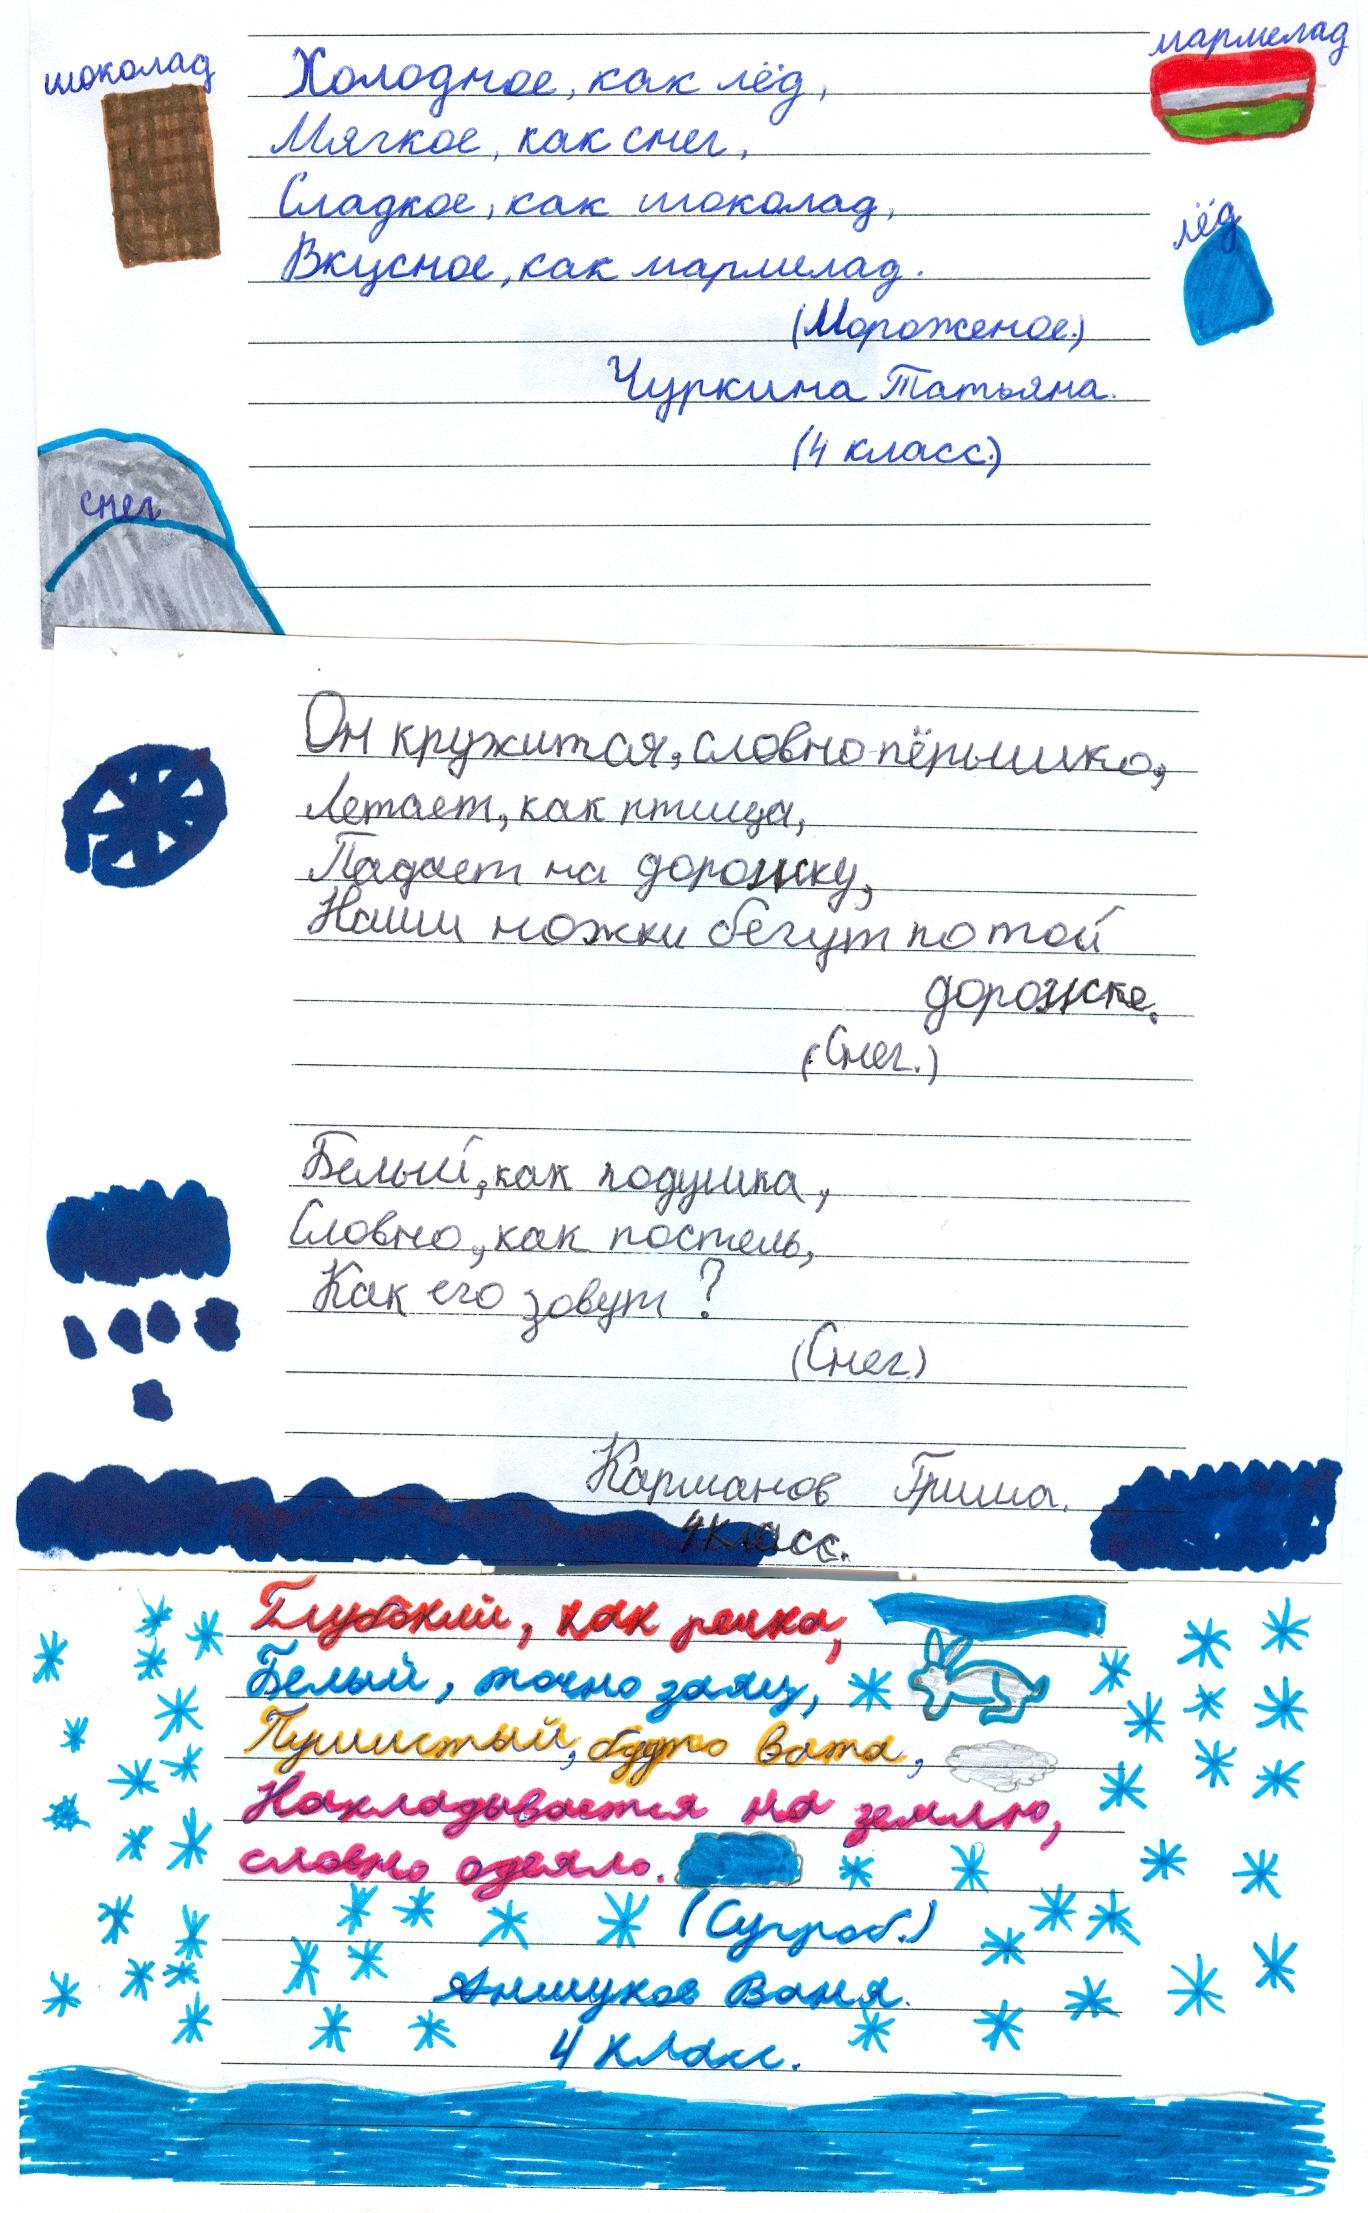 C:\Users\Елена Григорьевна\Pictures\Мои сканированные изображения\сканирование0043.jpg